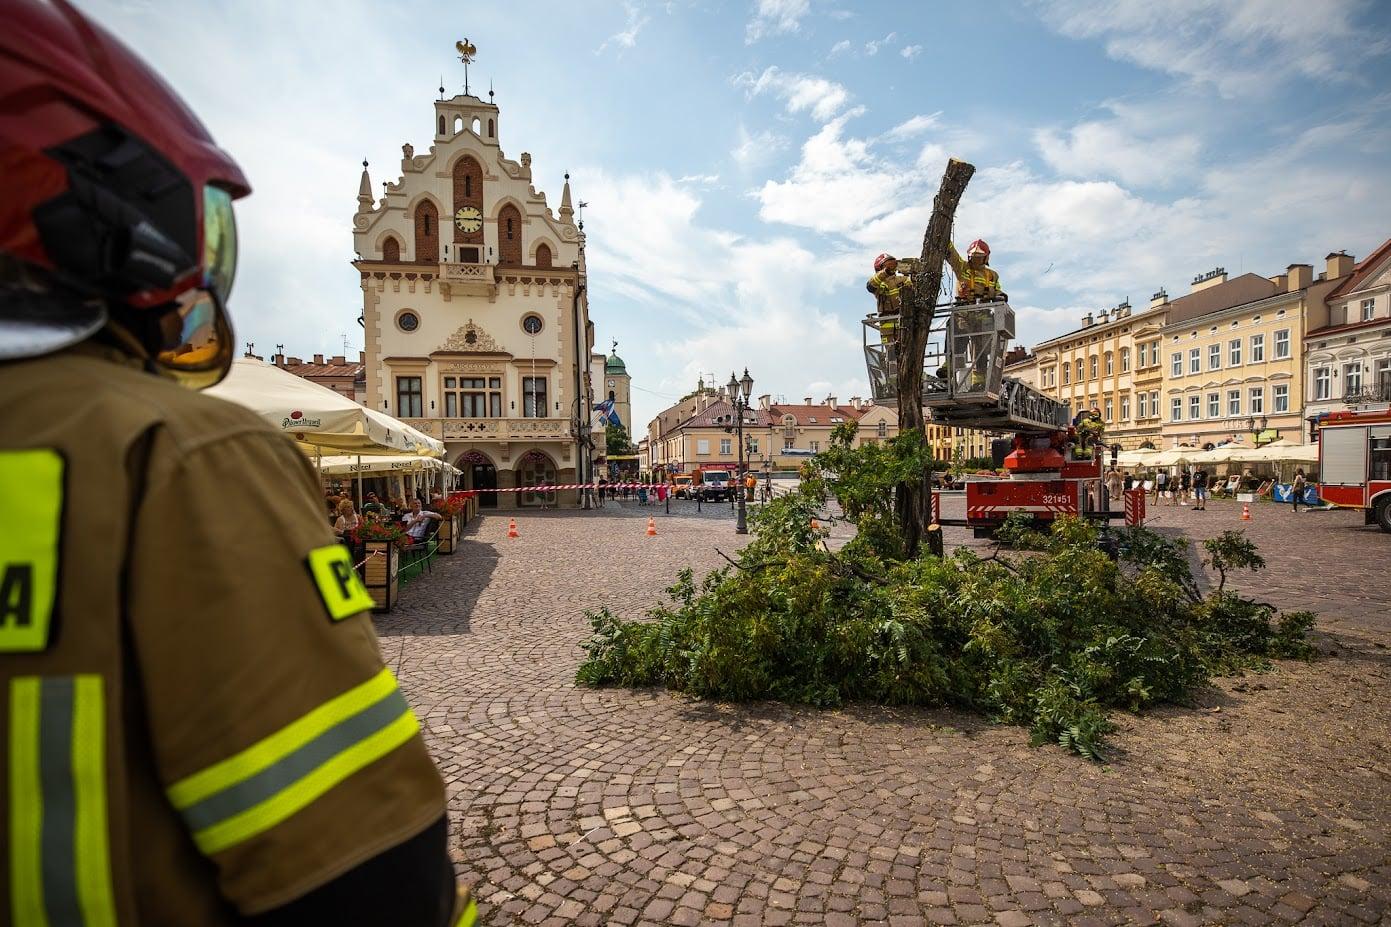 Złamana akacja znika z Rynku. Konrad Fijołek deklaruje posadzenie nowego drzewa [ZDJĘCIA] - Zdjęcie główne